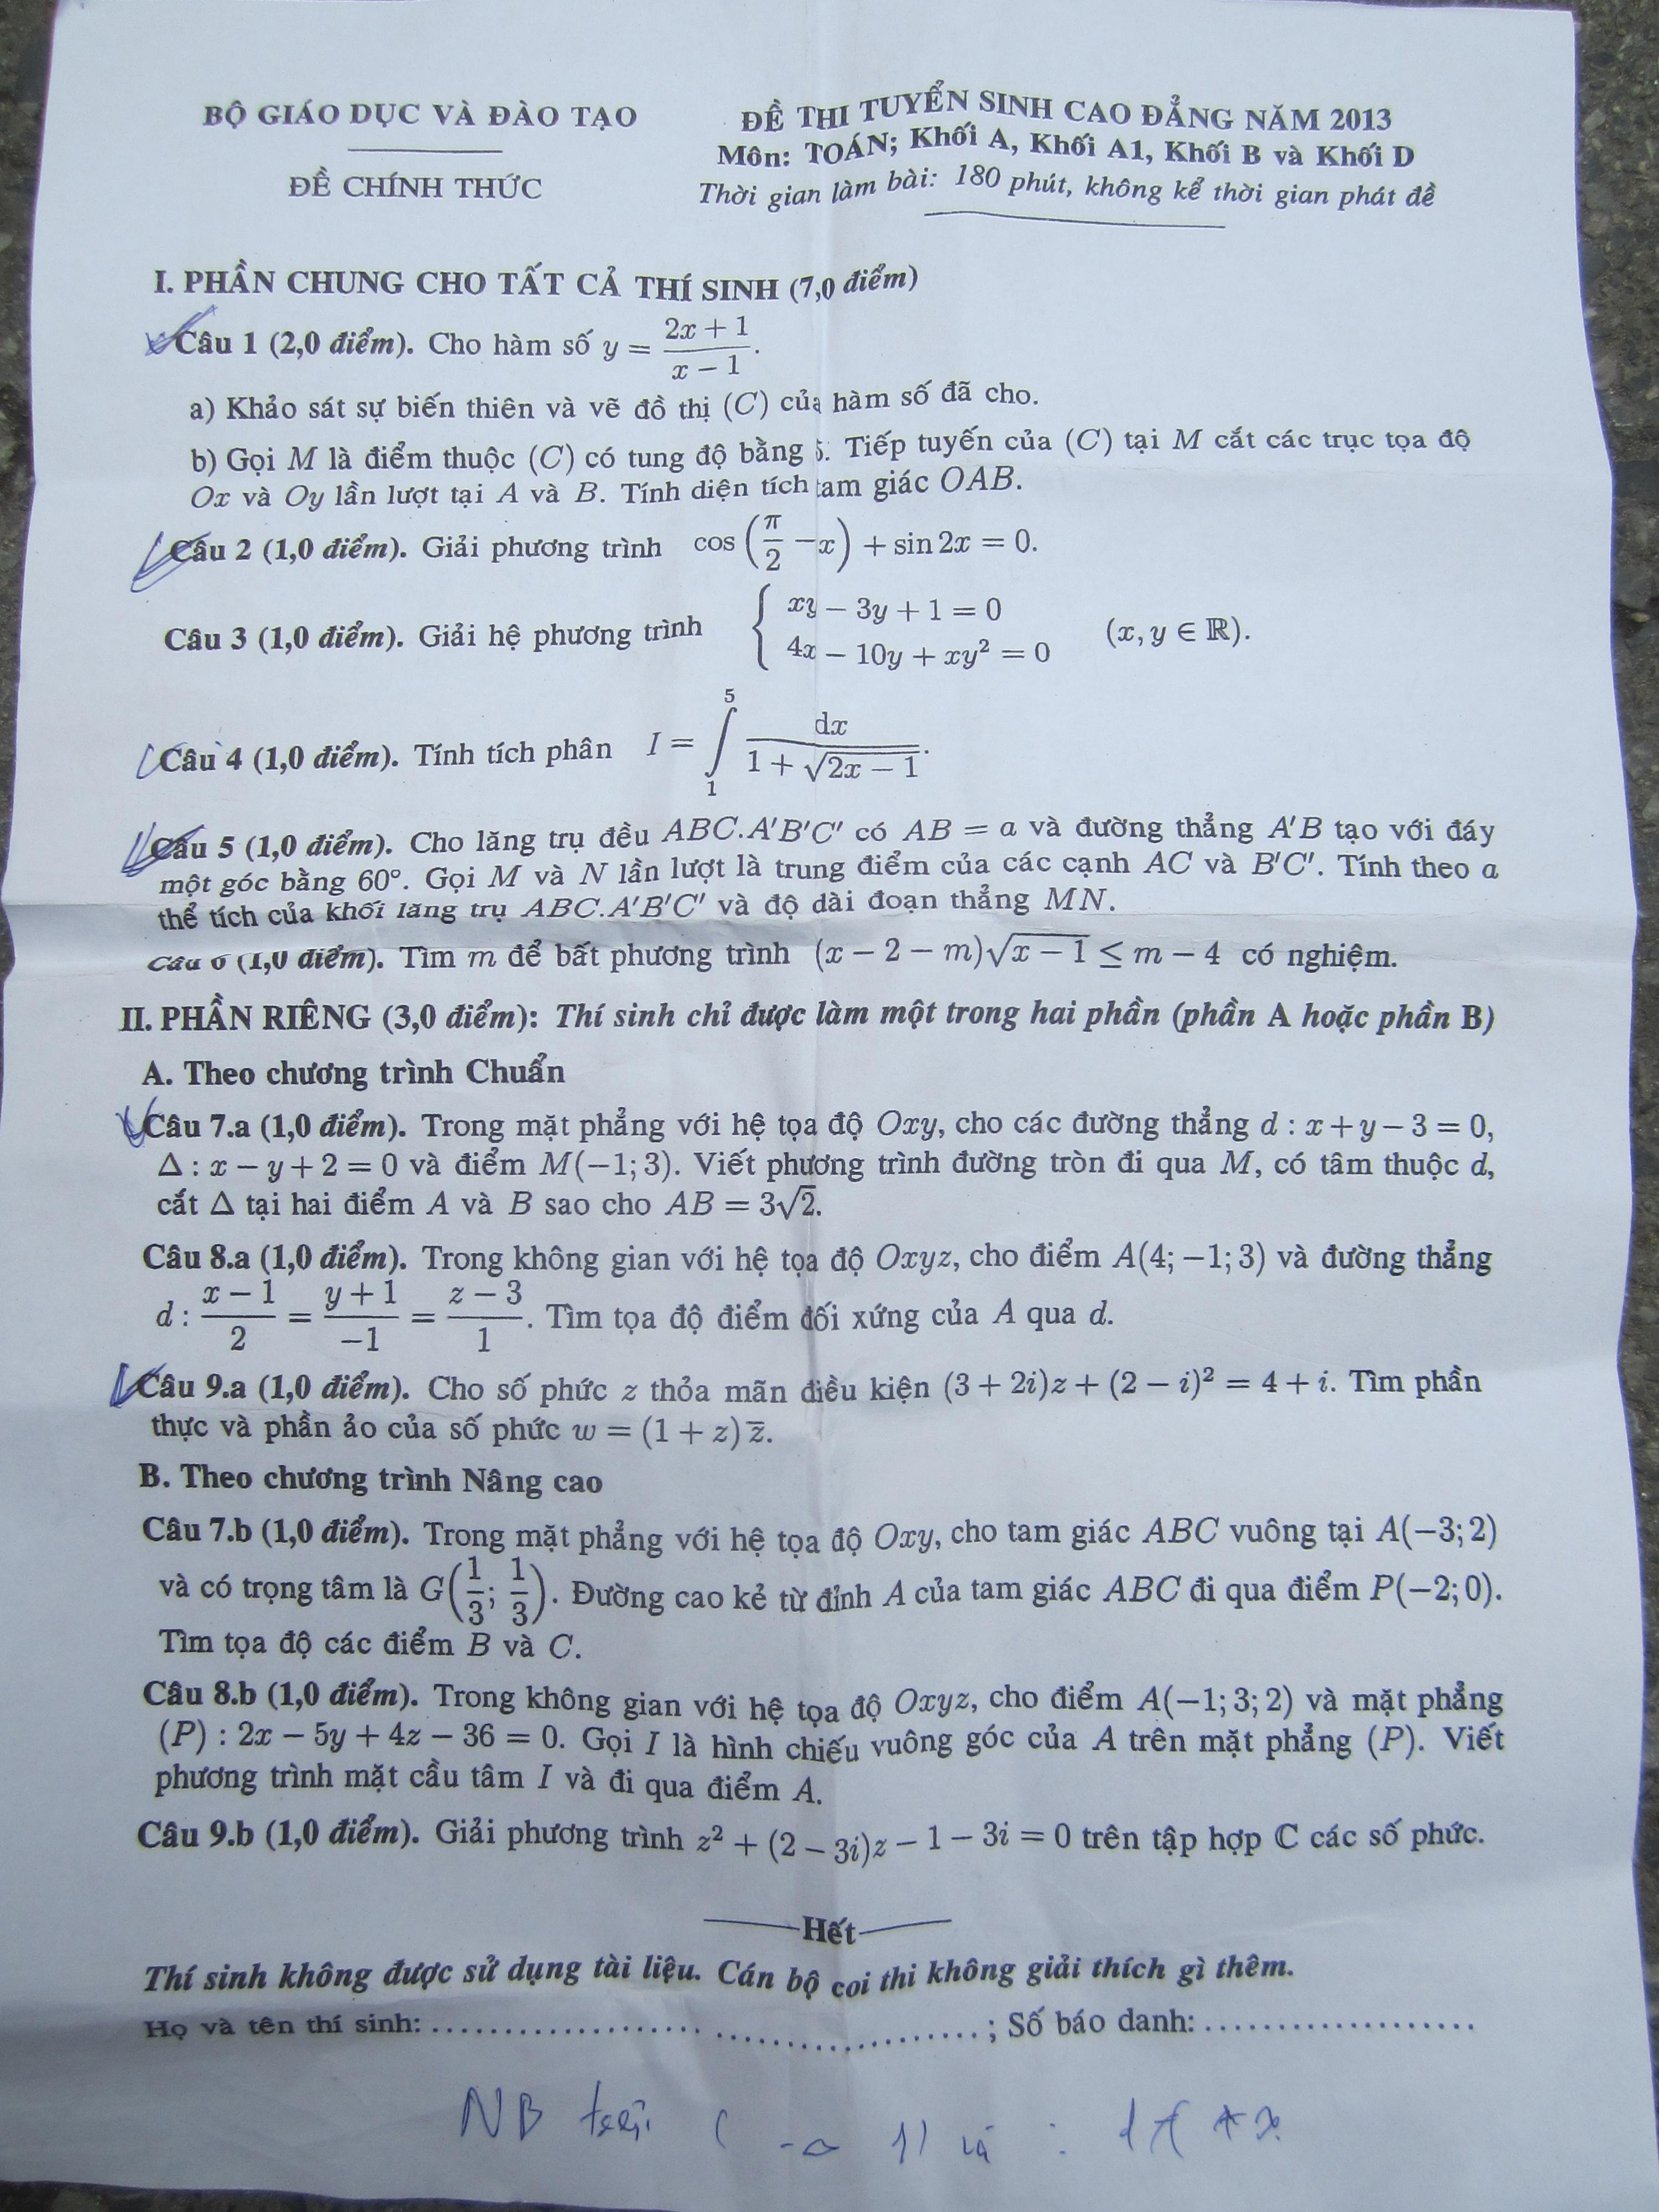 Hình ảnh Đáp án đề thi Cao đẳng môn Toán khối A, A1, B, D 2013 - Đáp án chính thức của Bộ GD số 4